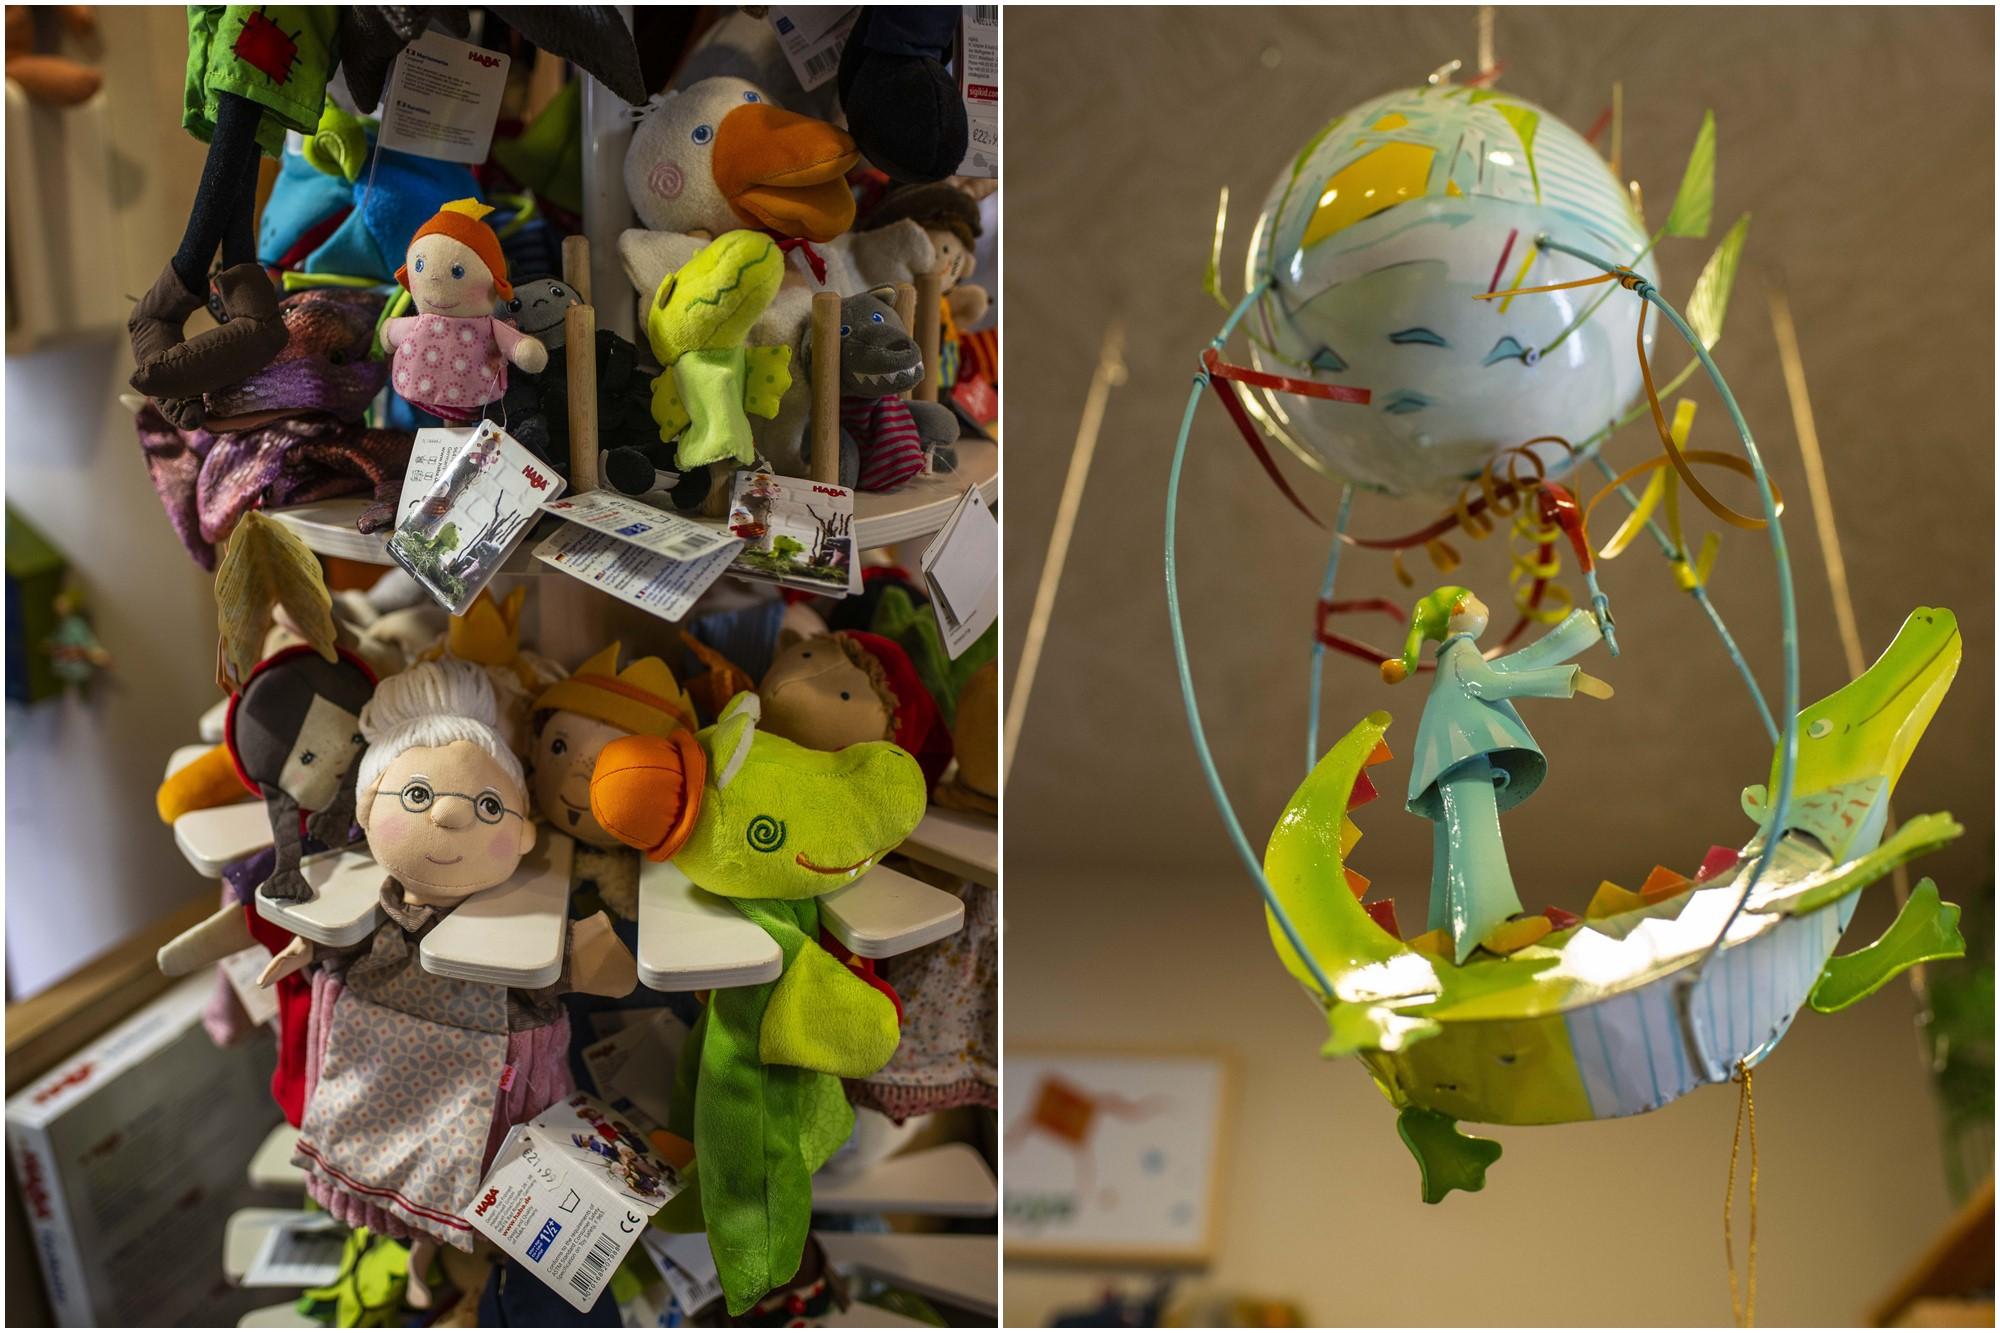 Motivos tradicionales tanto en marionetas como en móviles para el techo.